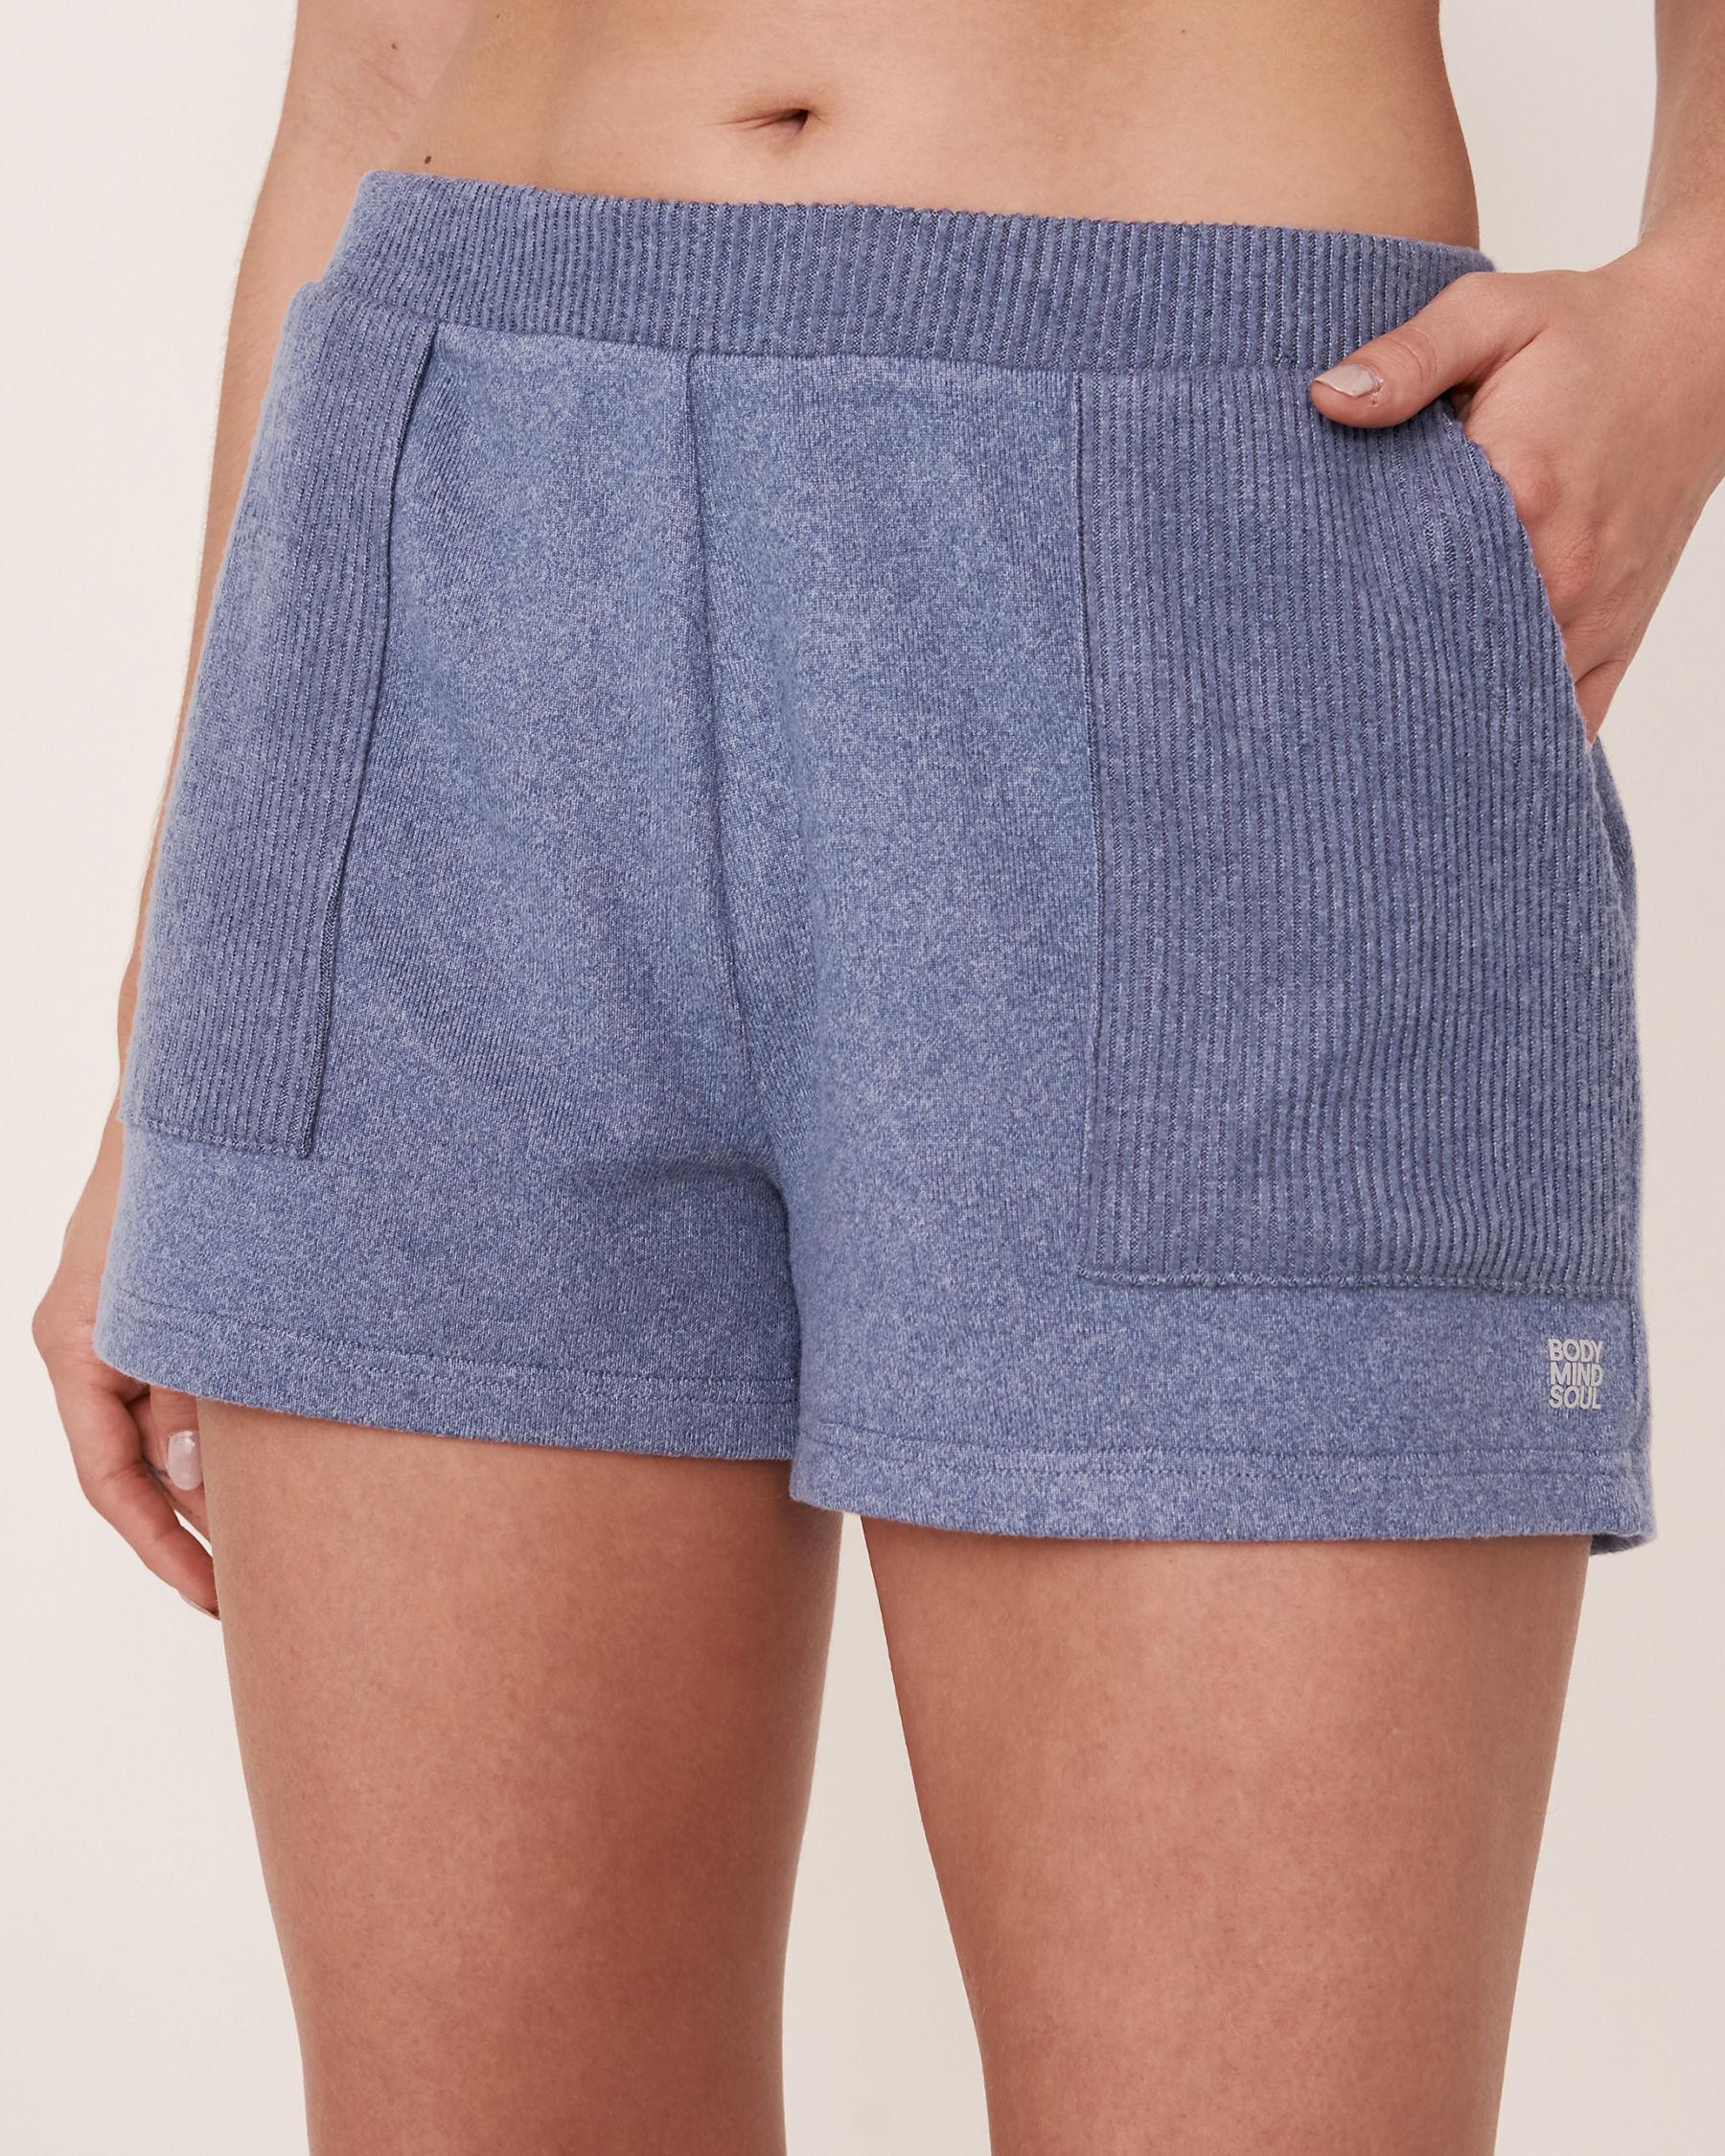 LA VIE EN ROSE Short en tricot doux Mélange bleu jeans 50200007 - Voir1